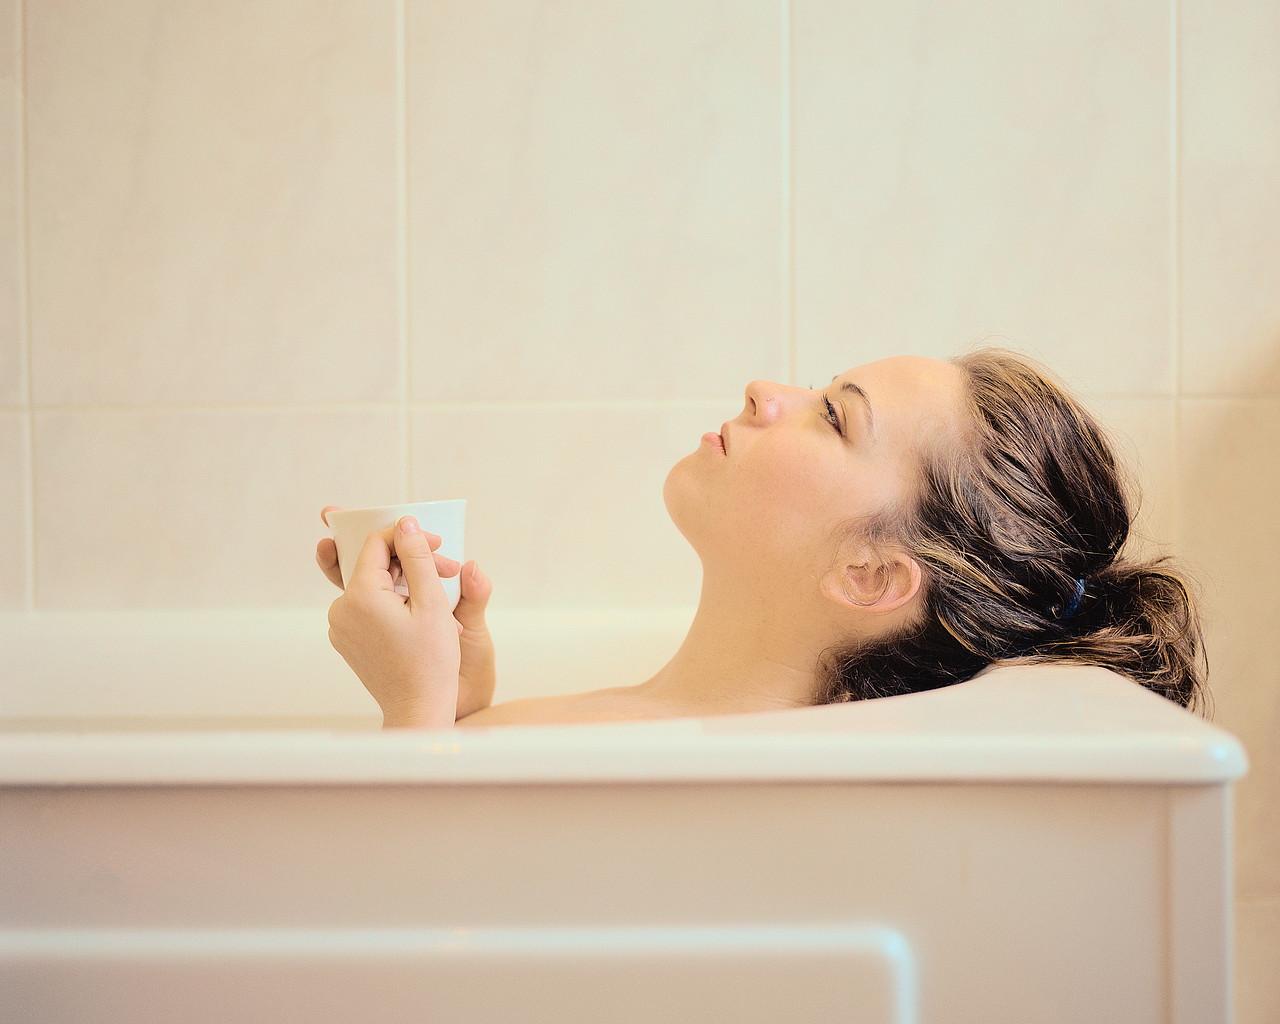 Woman in a bathtub